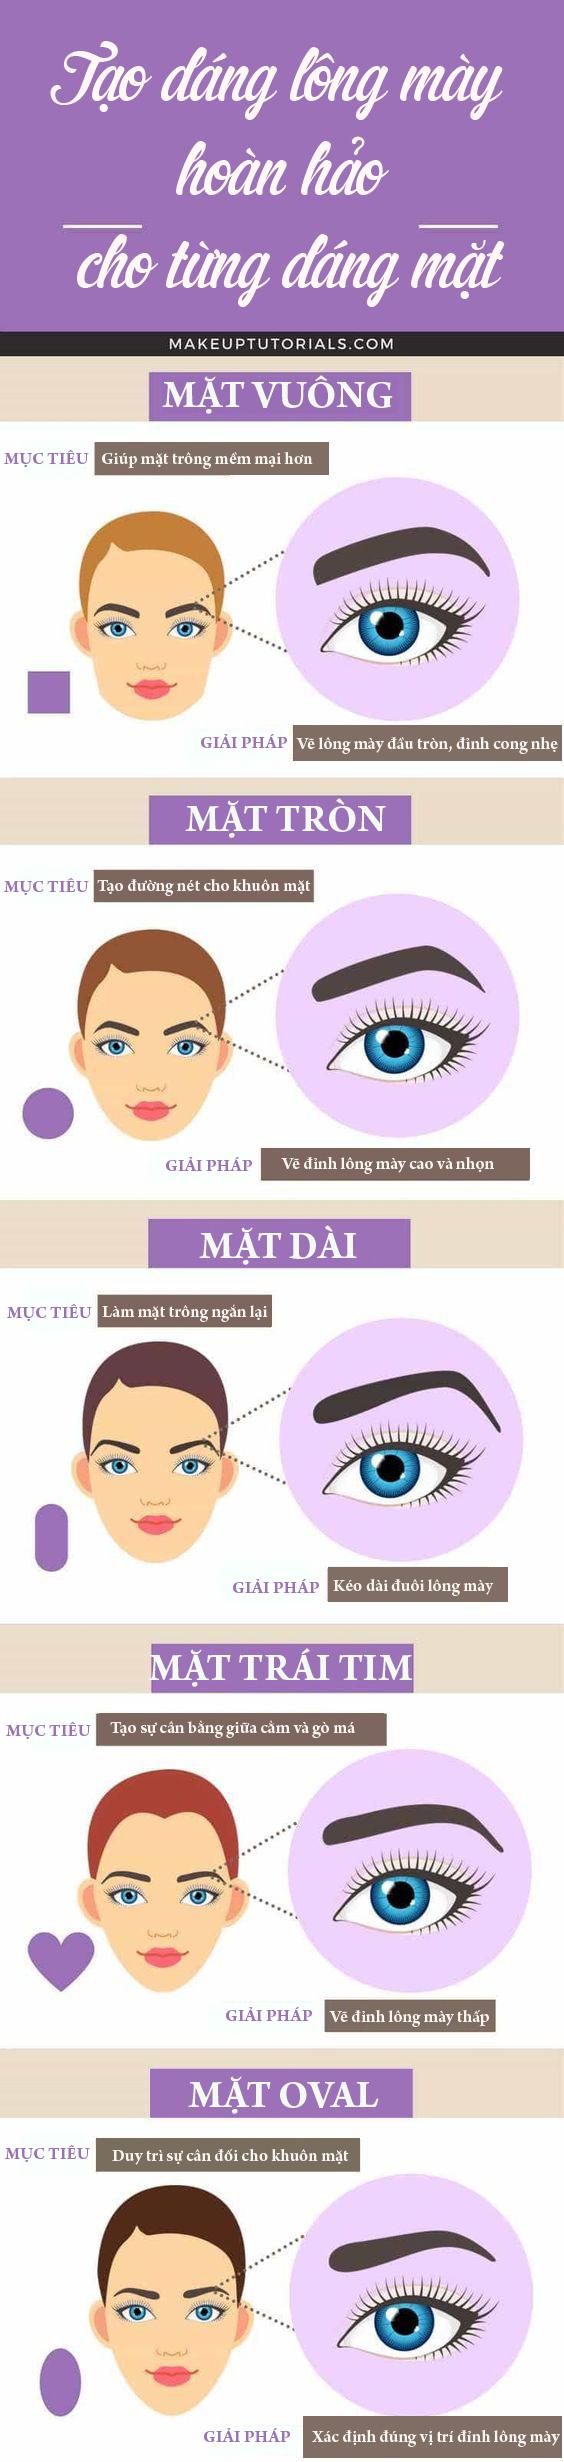 4 giải pháp tạo dáng lông mày khắc phục nhược điểm khuôn mặt